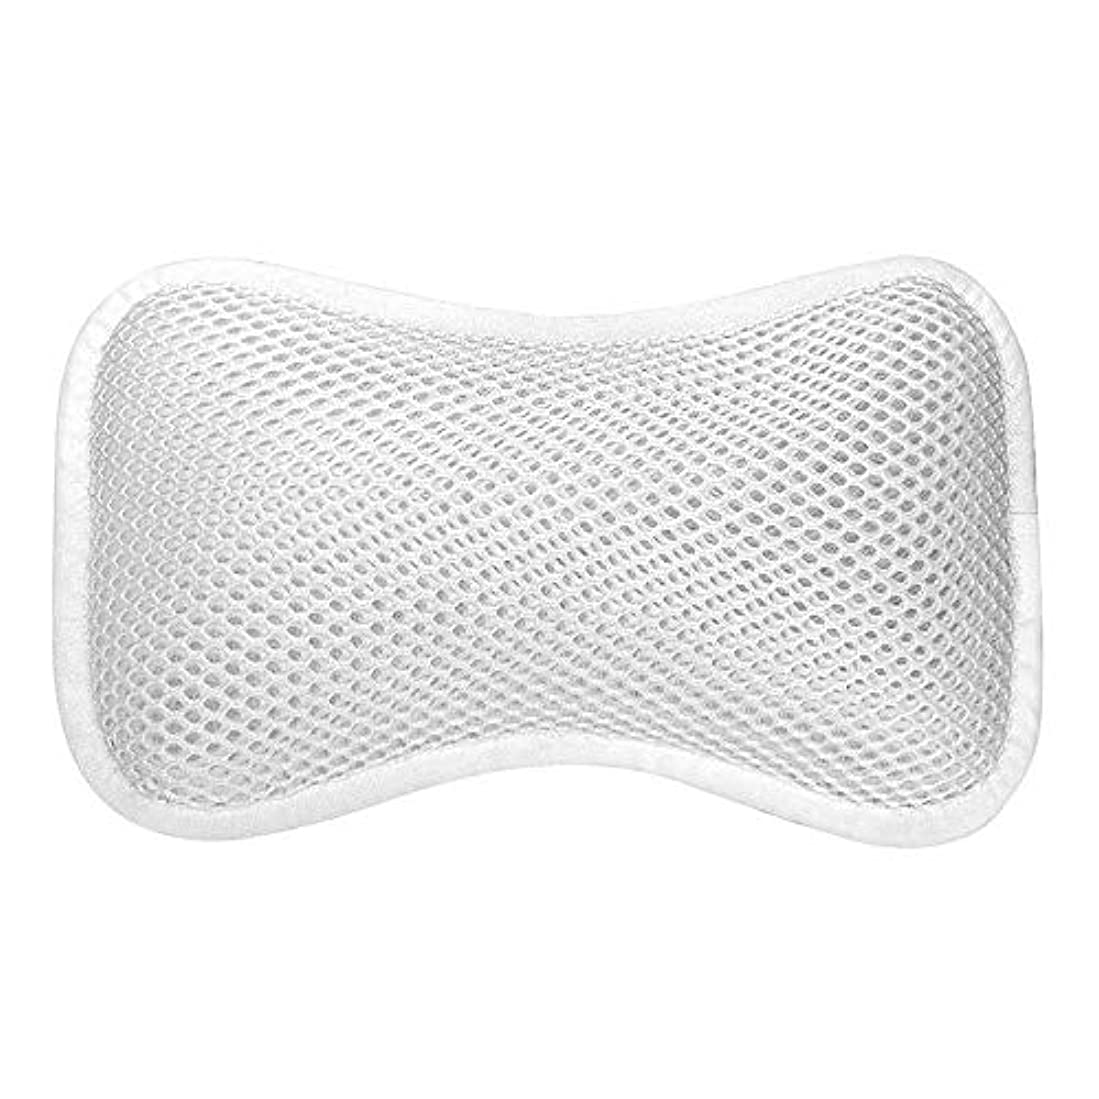 証拠軽蔑するあらゆる種類の3D網の骨の定形バスタブの枕、吸盤が付いている人間工学的の設計滑り止??めの浴槽の枕